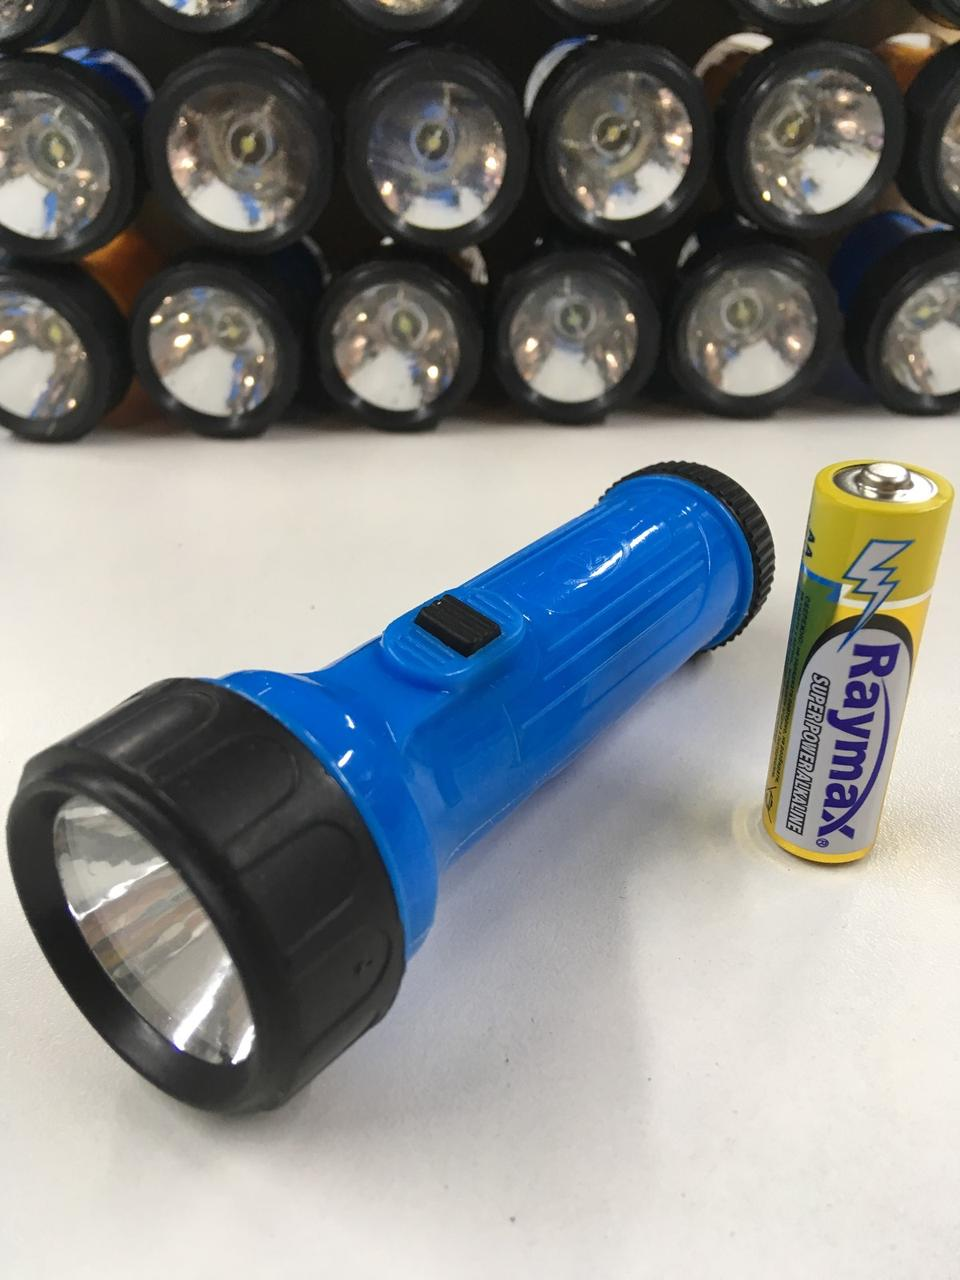 Пластиковые фонарь на одной пальчиковых батарейках LJ-456 (720 шт/ящ)